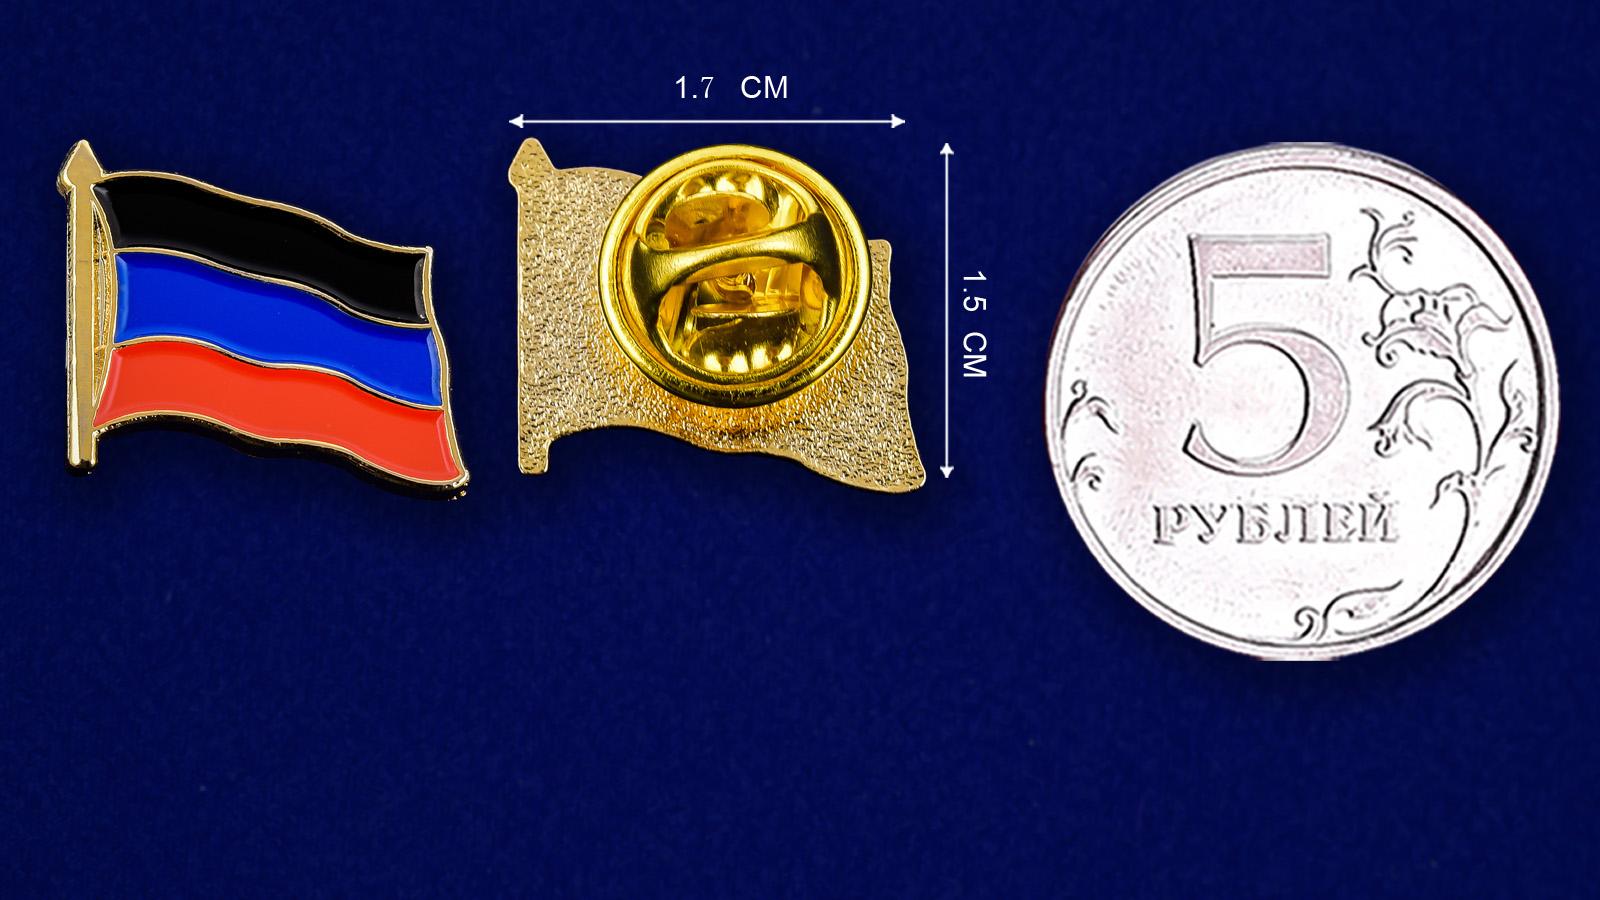 Значок ДНР - сравнительный размер